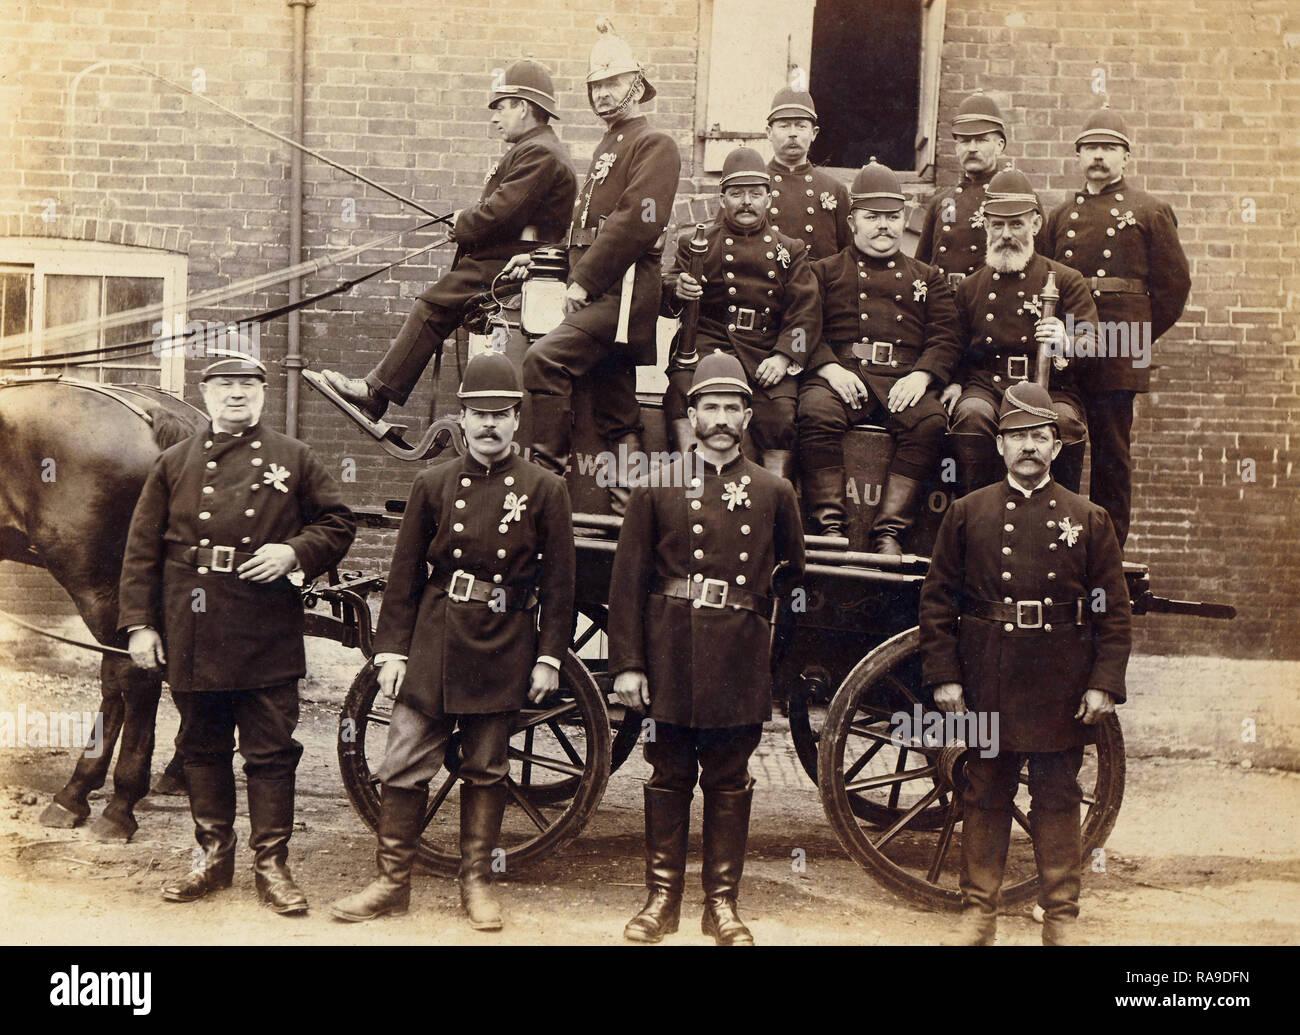 Imagen del archivo histórico de bomberos con caballos aparato contra incendios. Bomberos. c1900 Imagen De Stock